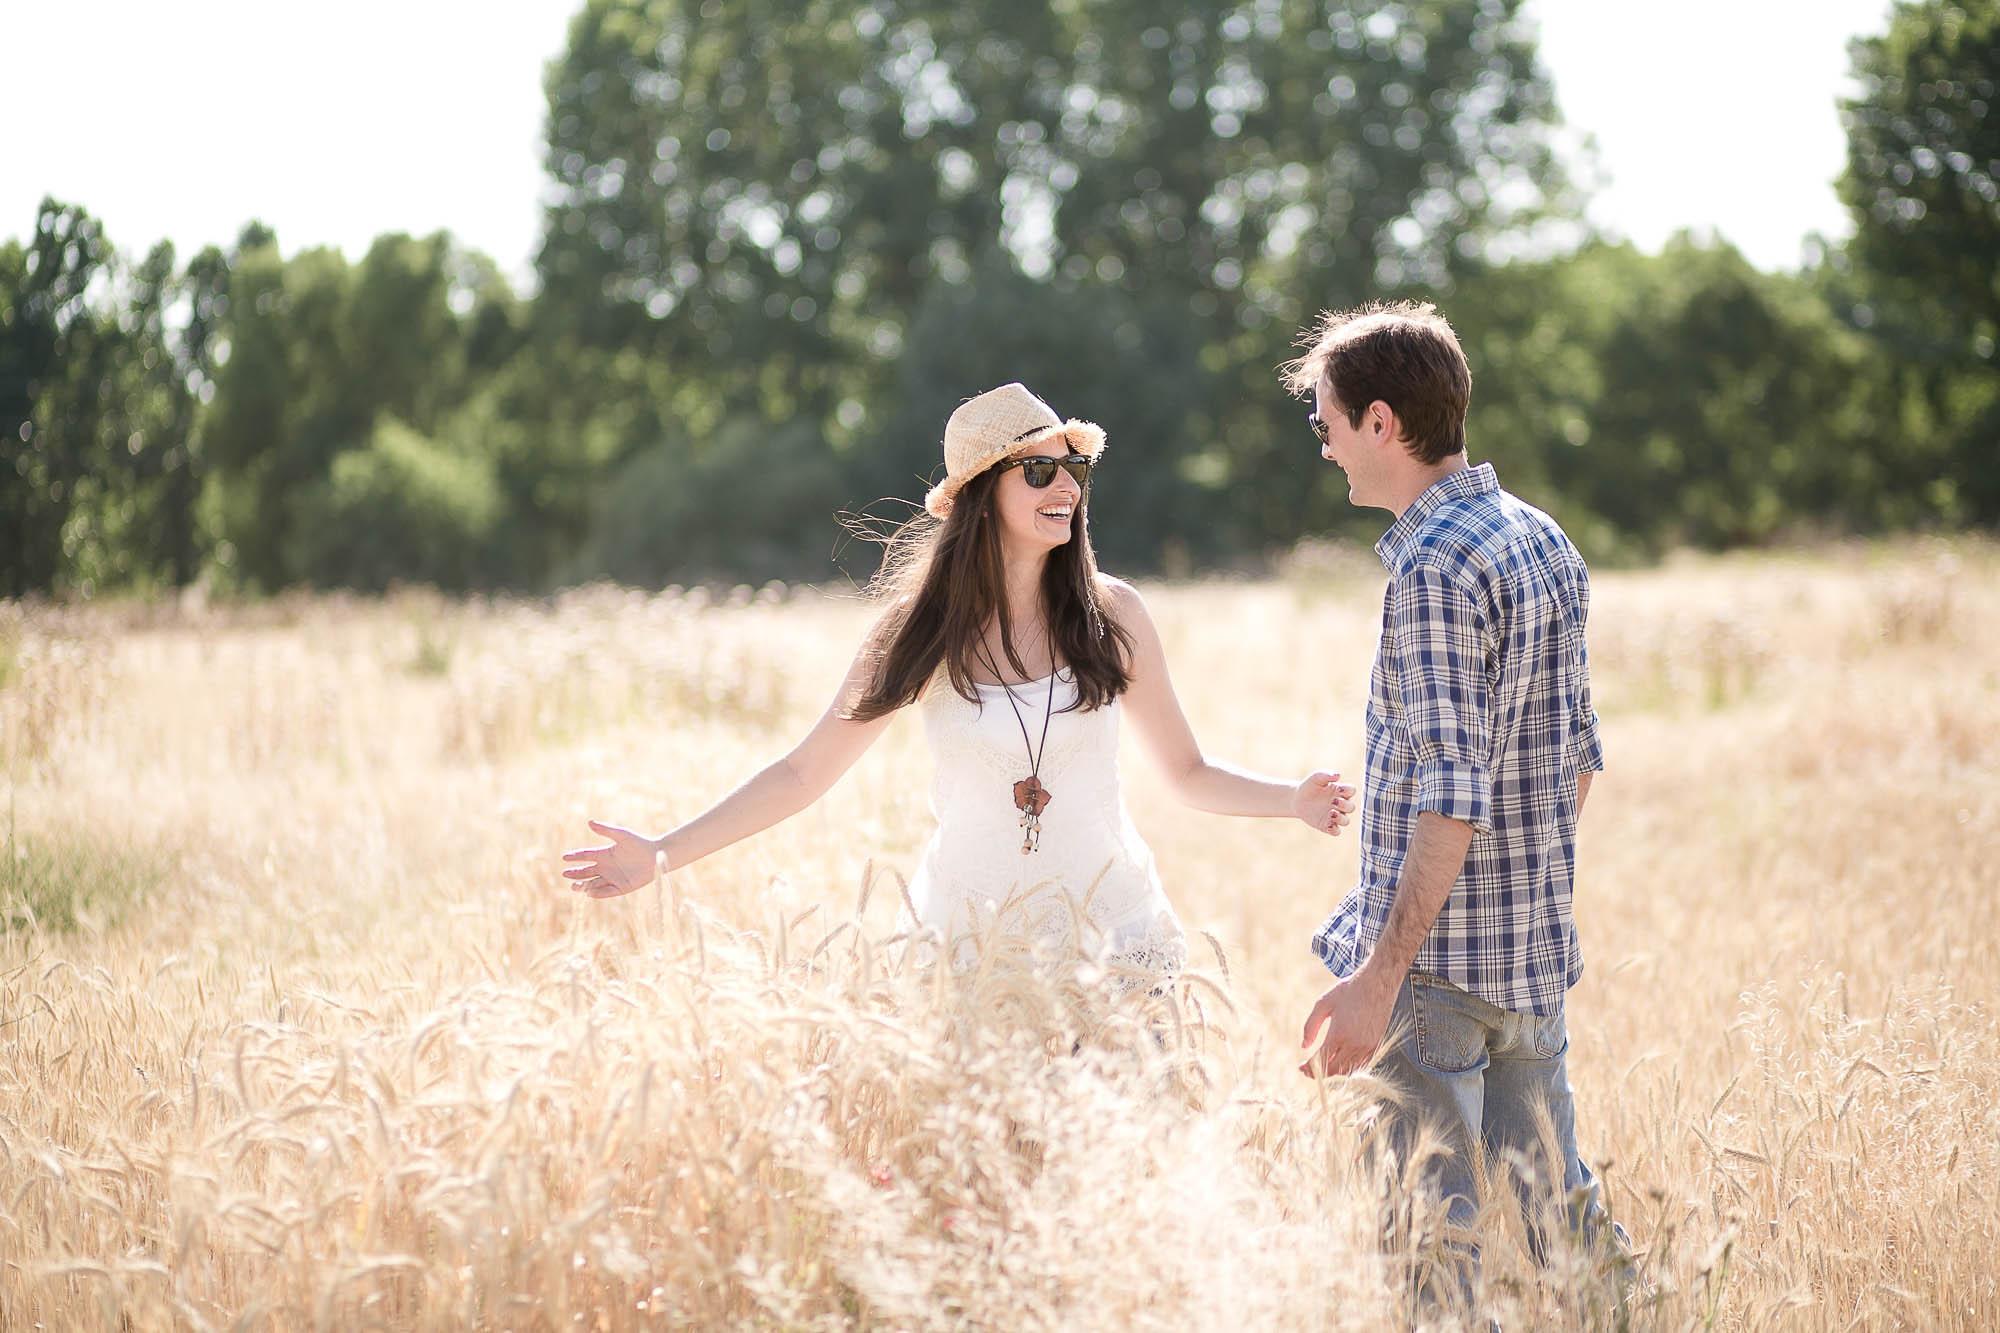 Ella juega y le mira a él en medio del campo